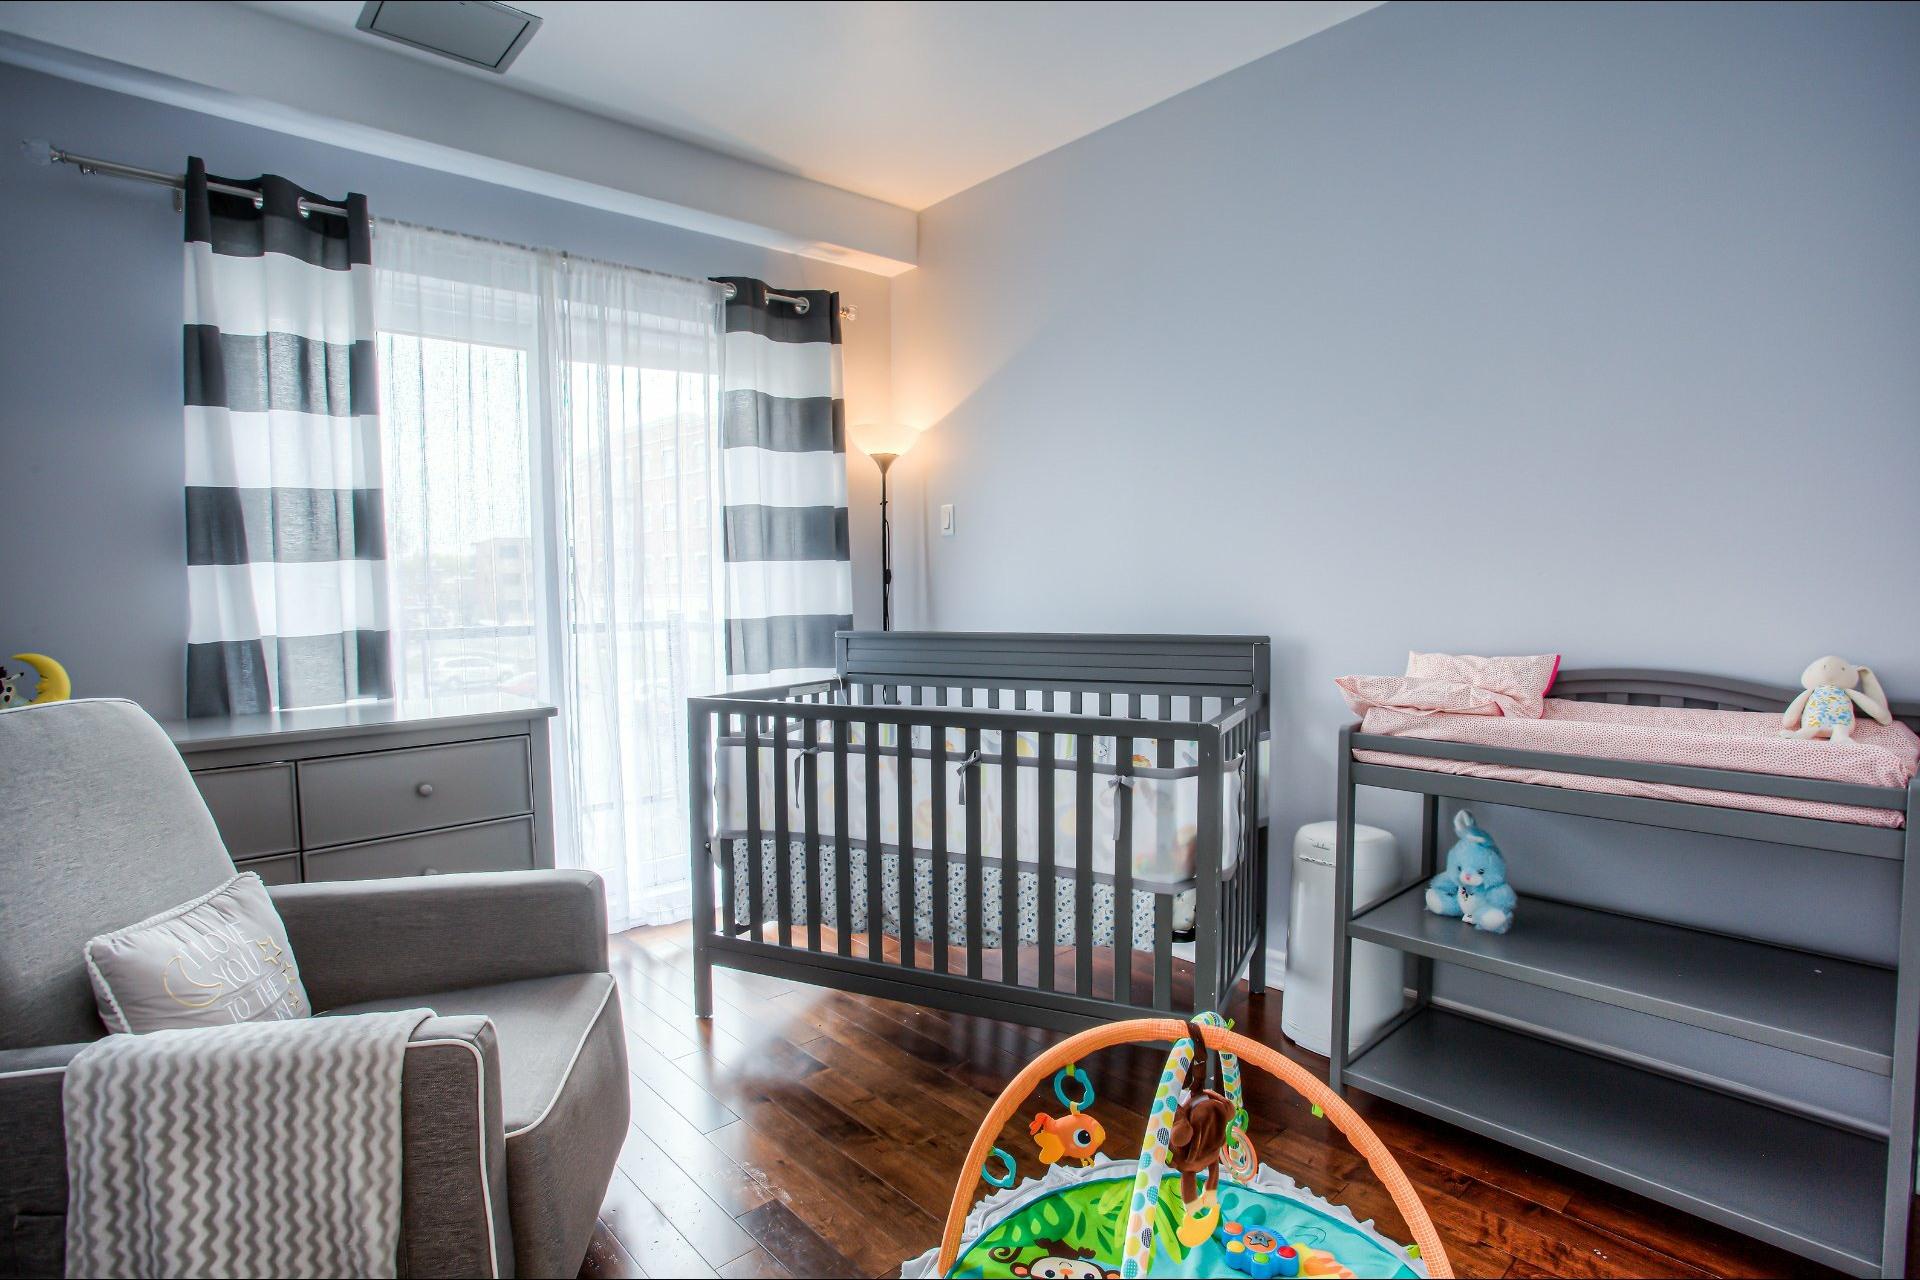 image 16 - Appartement À vendre Saint-Laurent Montréal  - 9 pièces